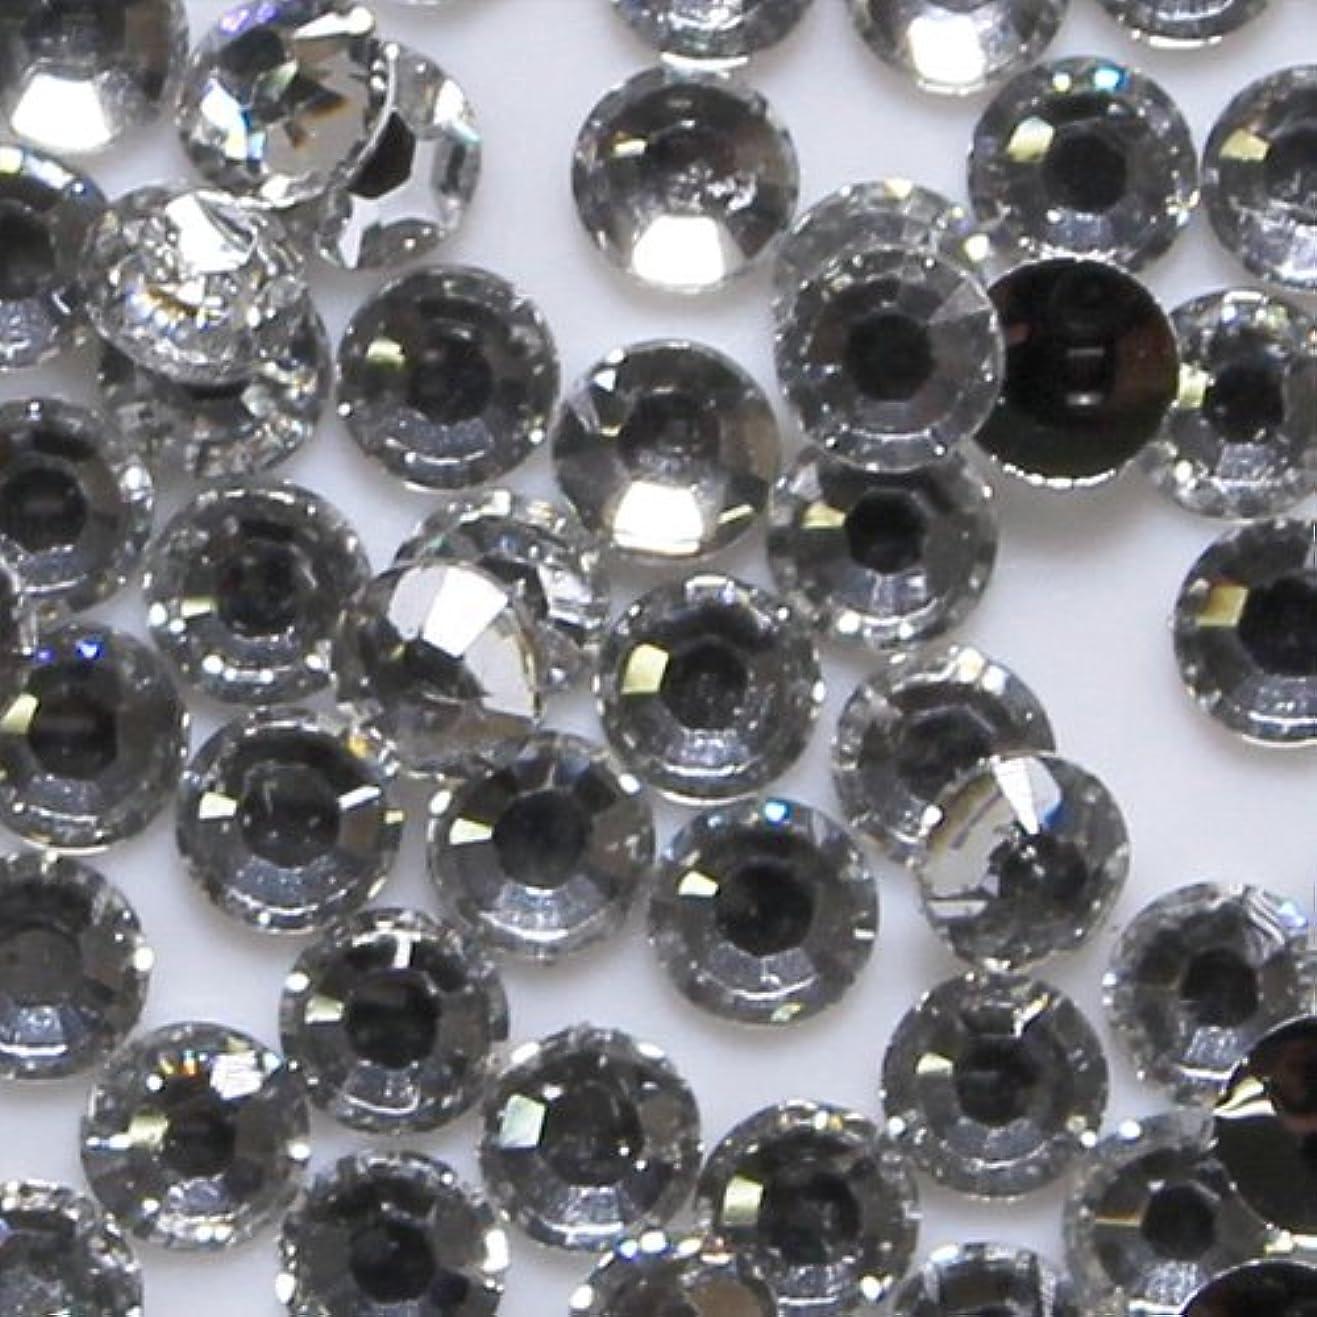 ボスサッカー南西高品質 アクリルストーン ラインストーン ラウンドフラット 約1000粒入り 4mm ダイヤモンド